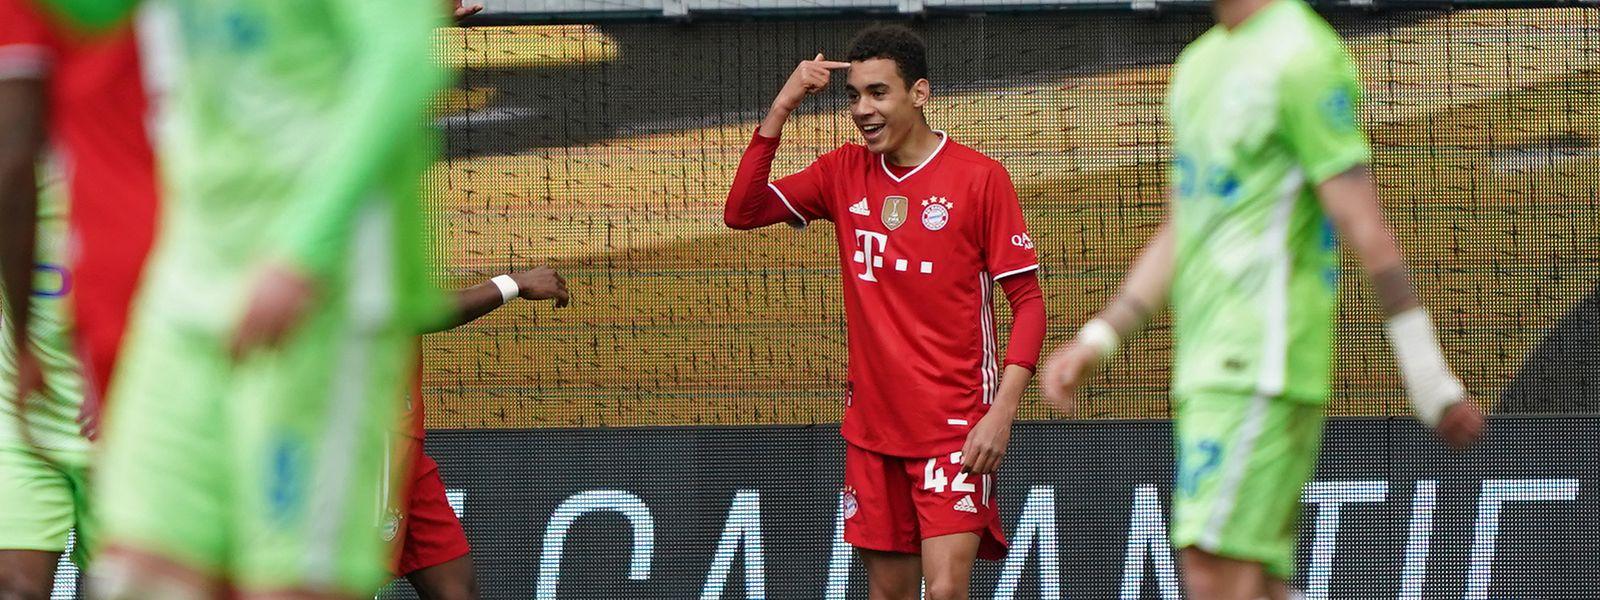 Jamal Musiala erzielt zwei Tore gegen Wolfsburg.